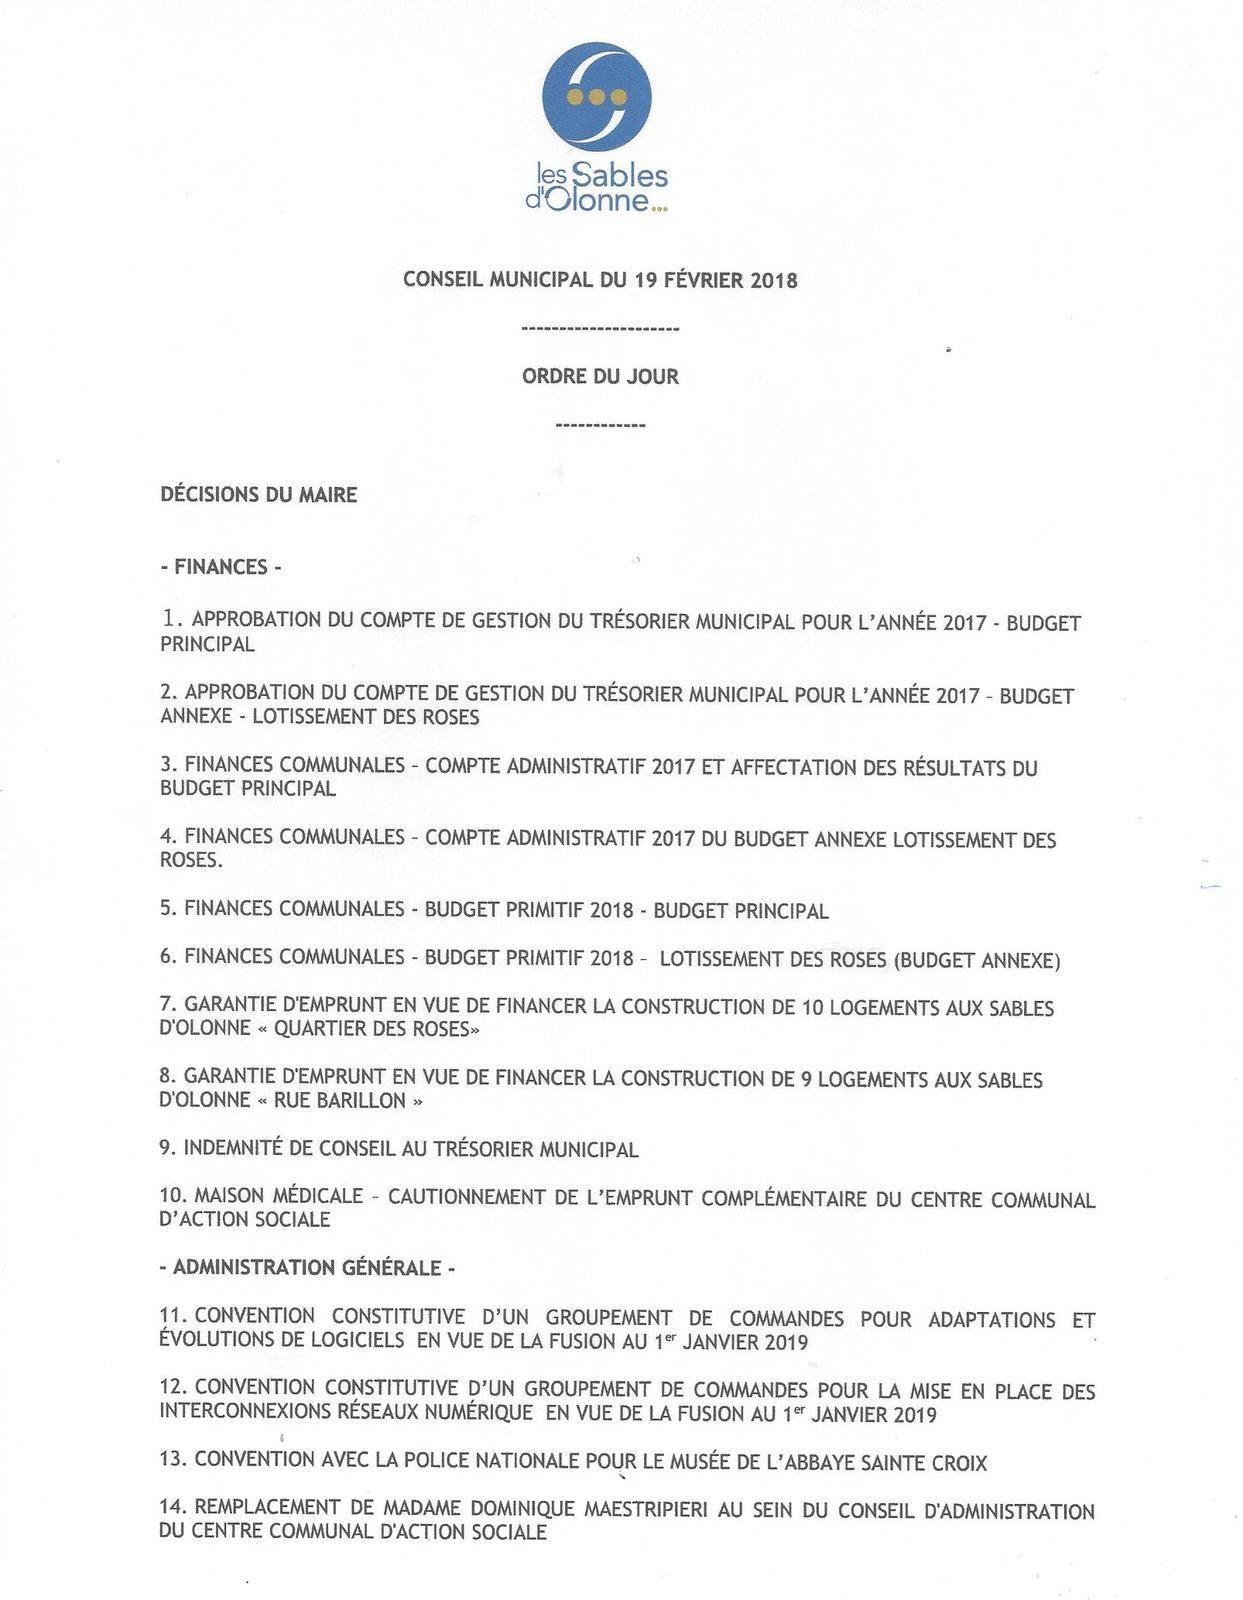 LES SABLES D'OLONNE : conseil municipal du lundi 19 février 2018